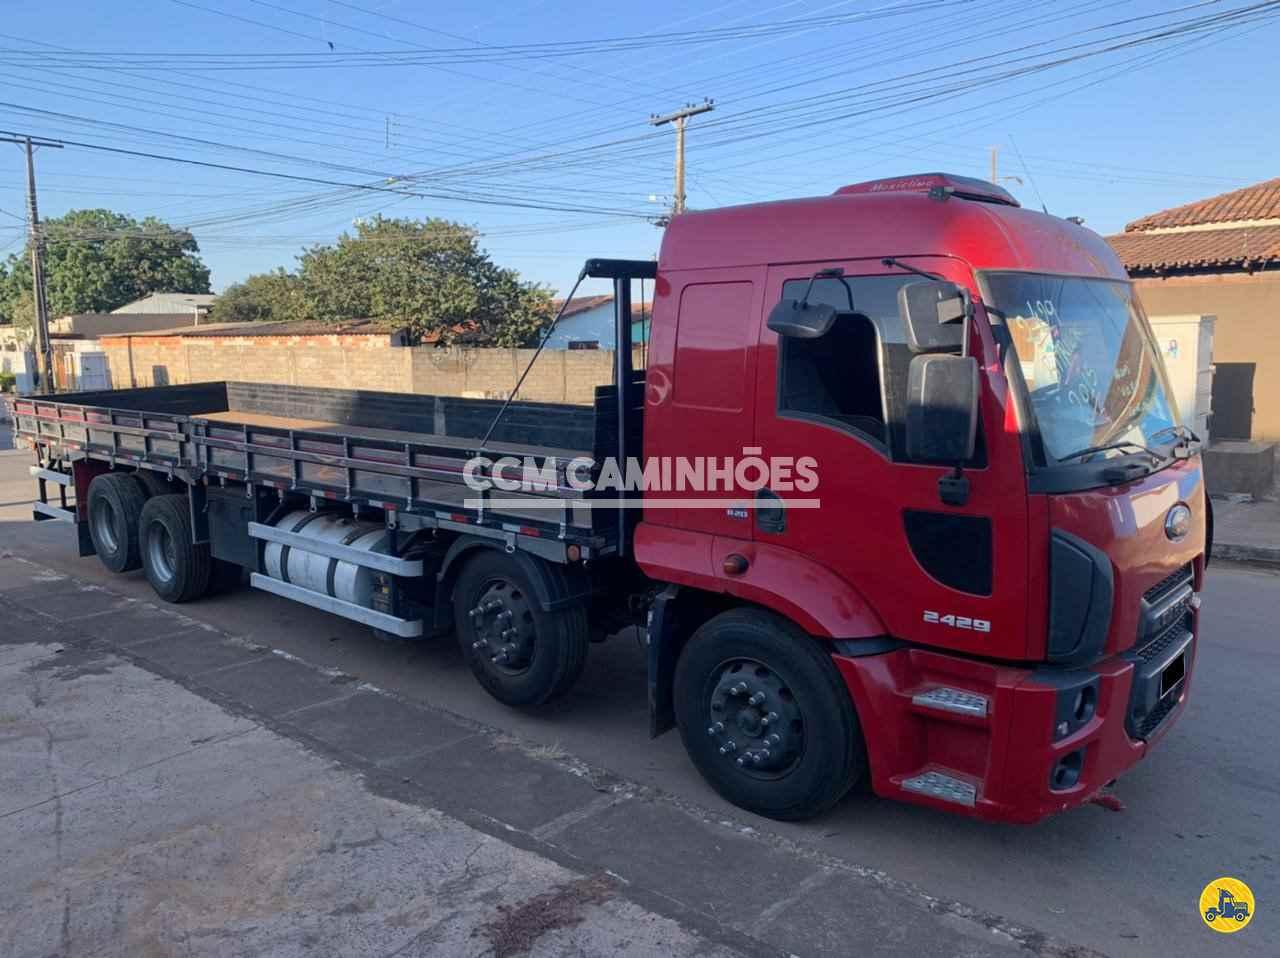 CAMINHAO FORD CARGO 2429 Carga Seca BiTruck 8x2 CCM Caminhões GOIANIA GOIAS GO